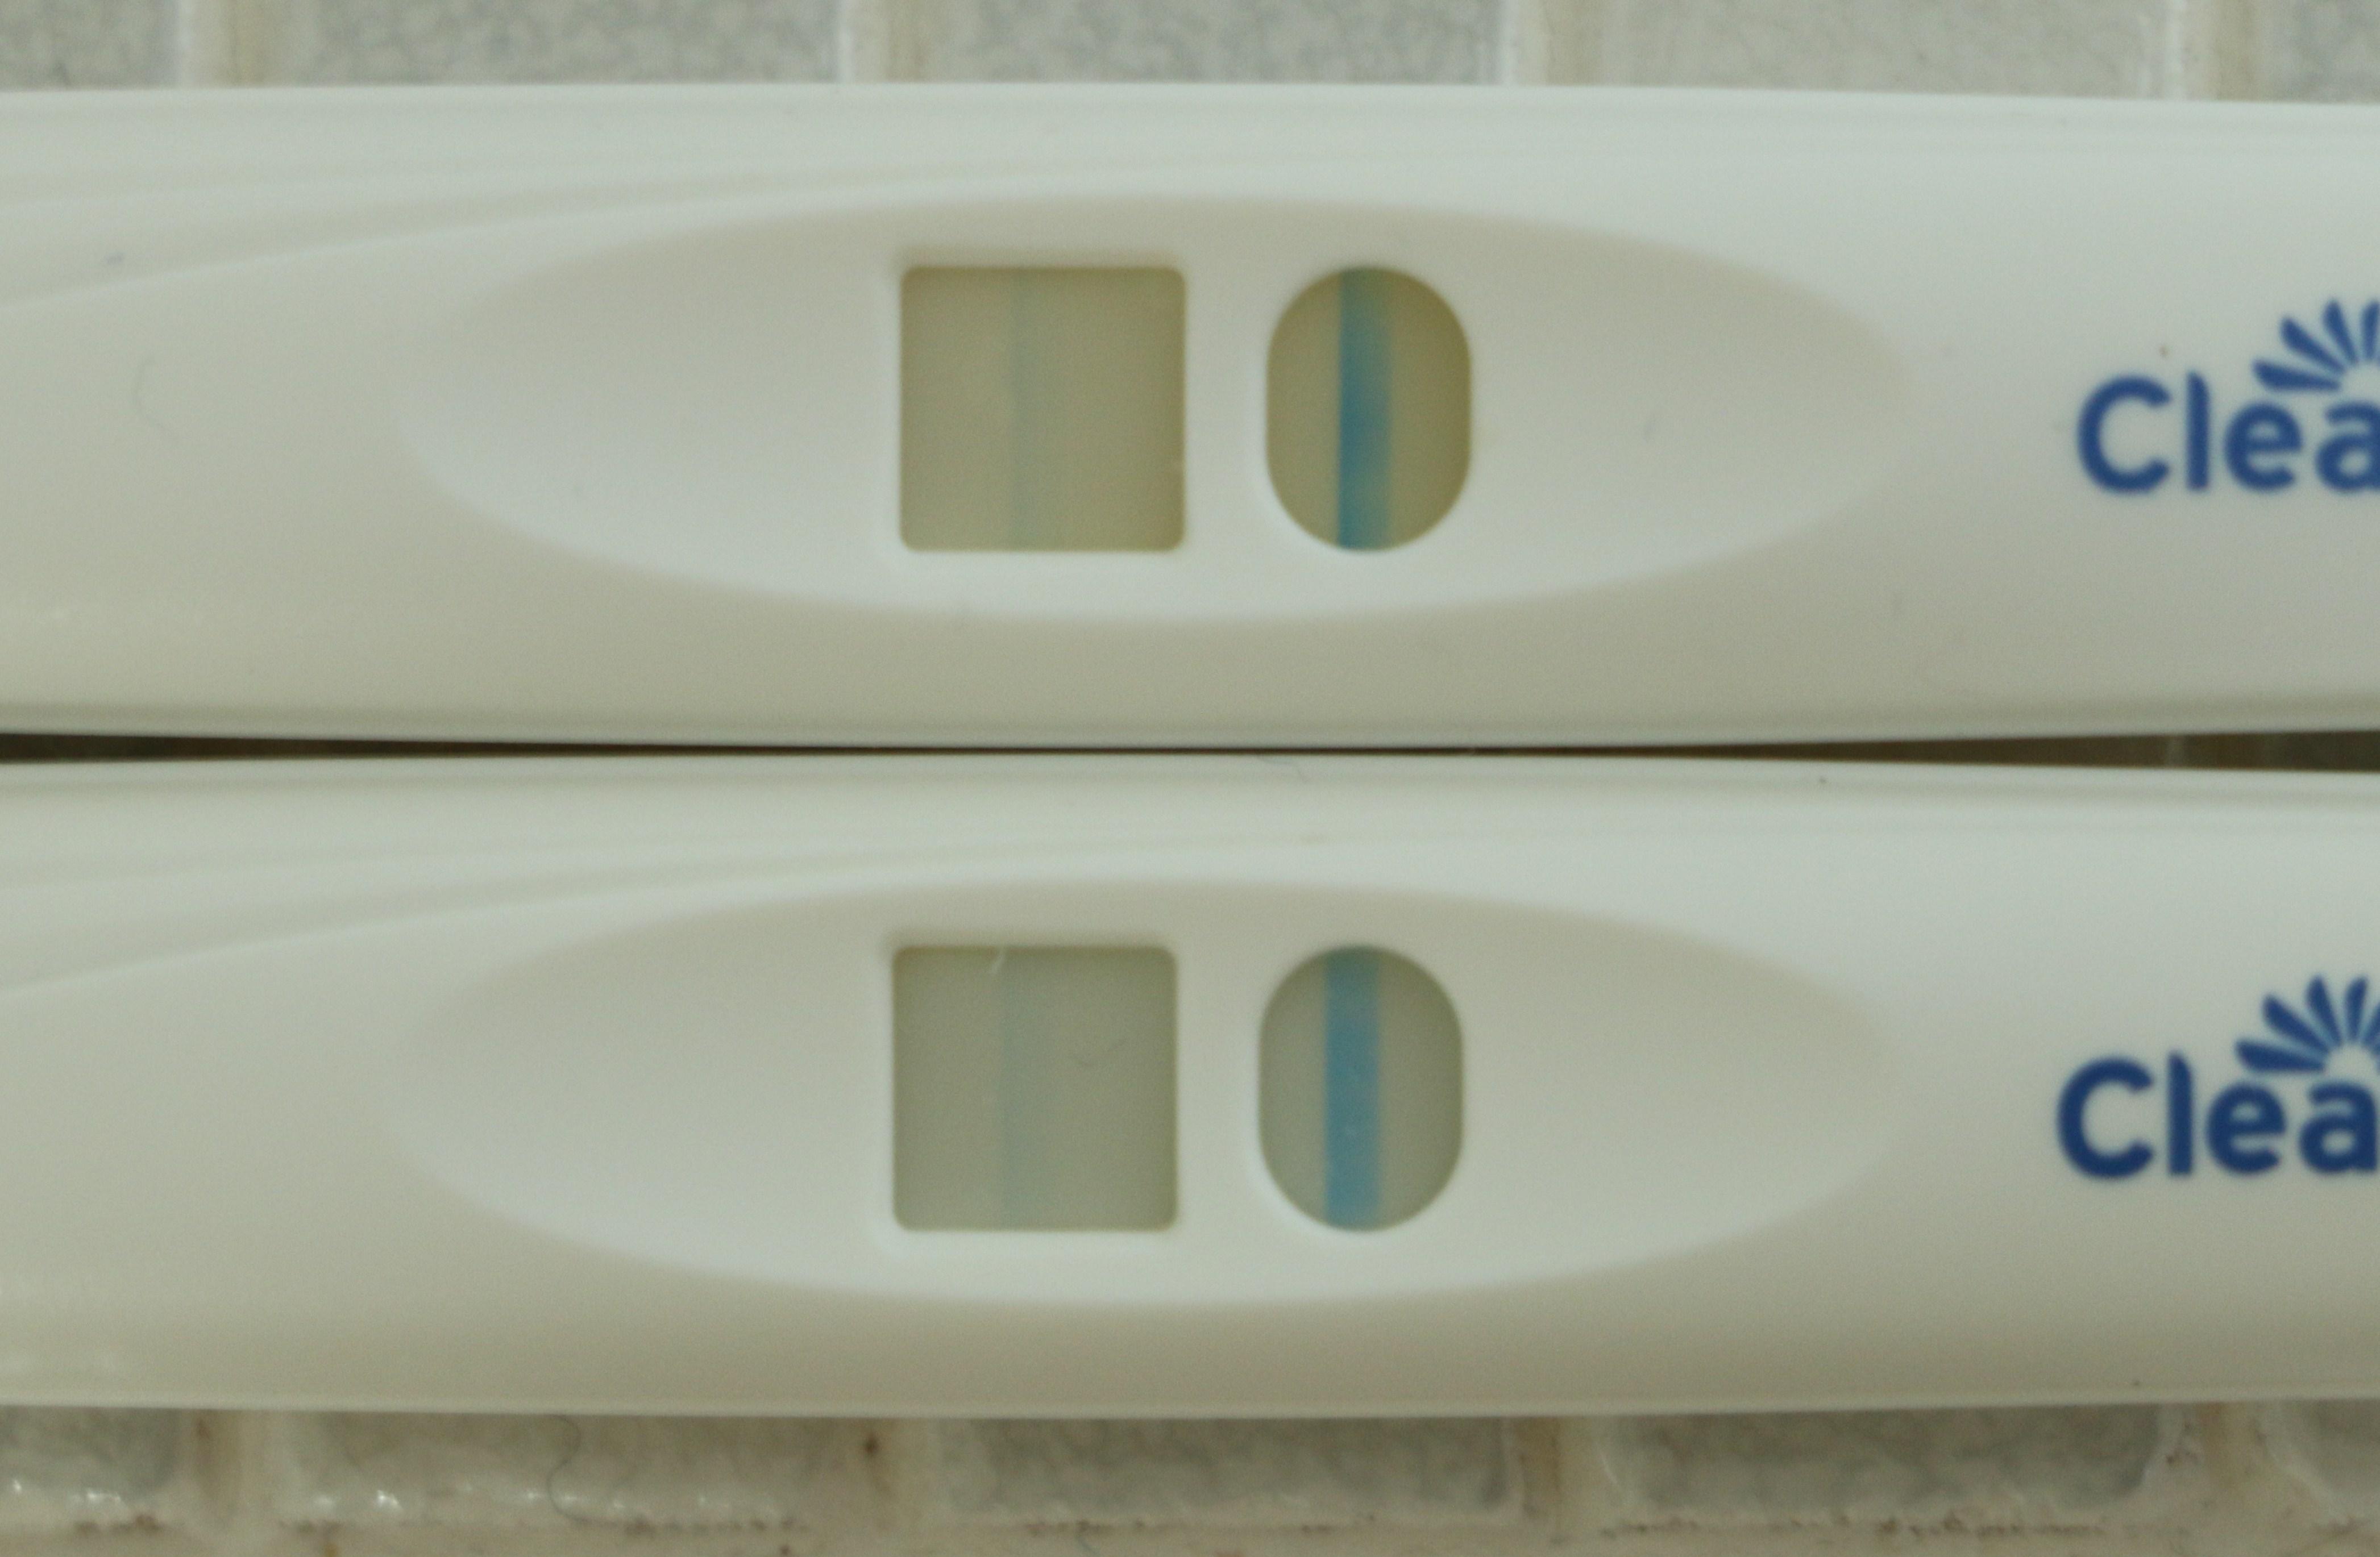 薄い クリアブルー 陽性 クリアブルーフライング検査陽性画像。流産した時と出産した時を見比べる。